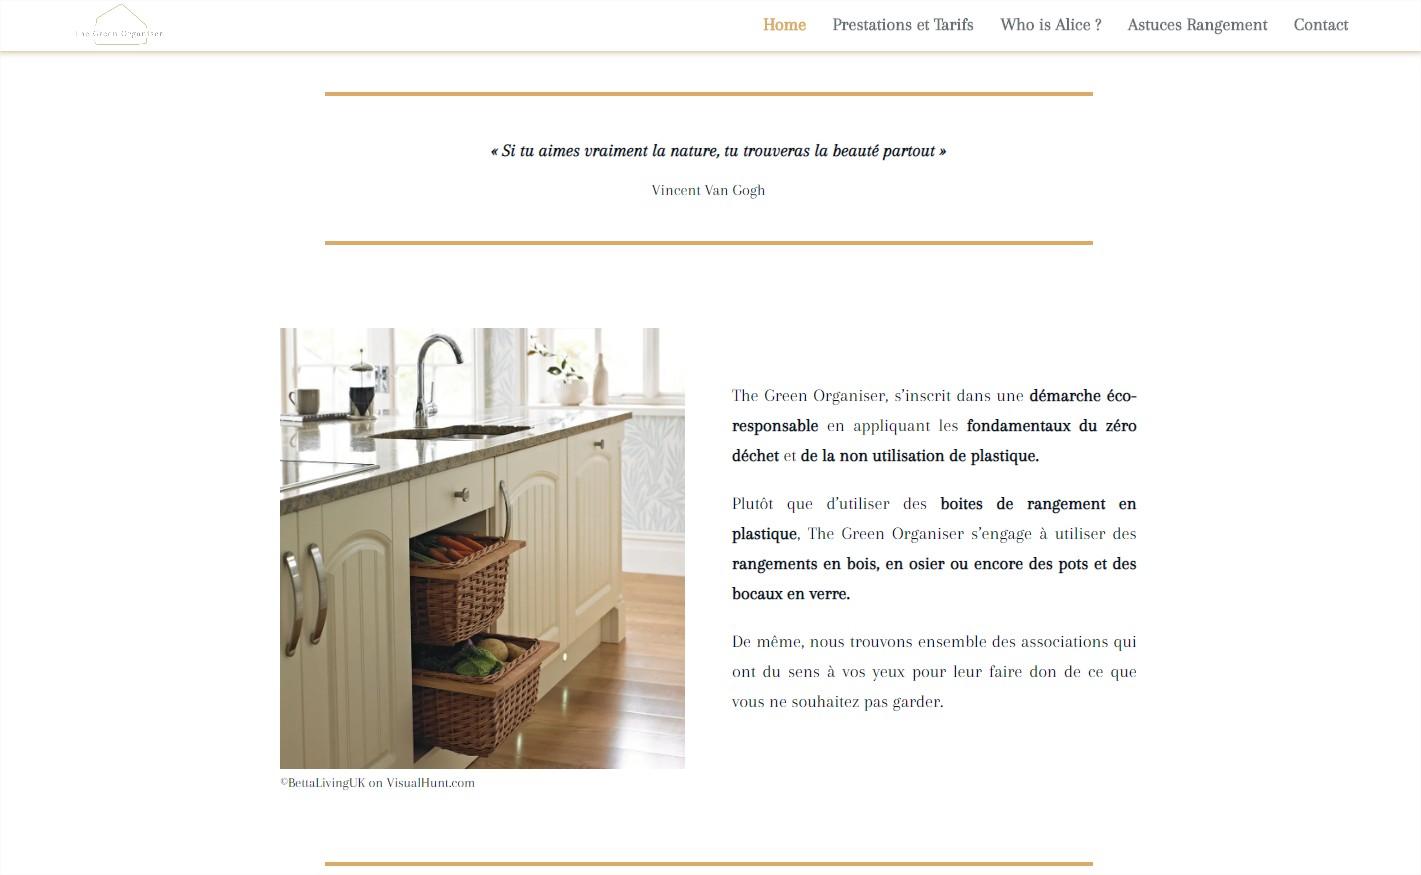 Site The green organiser